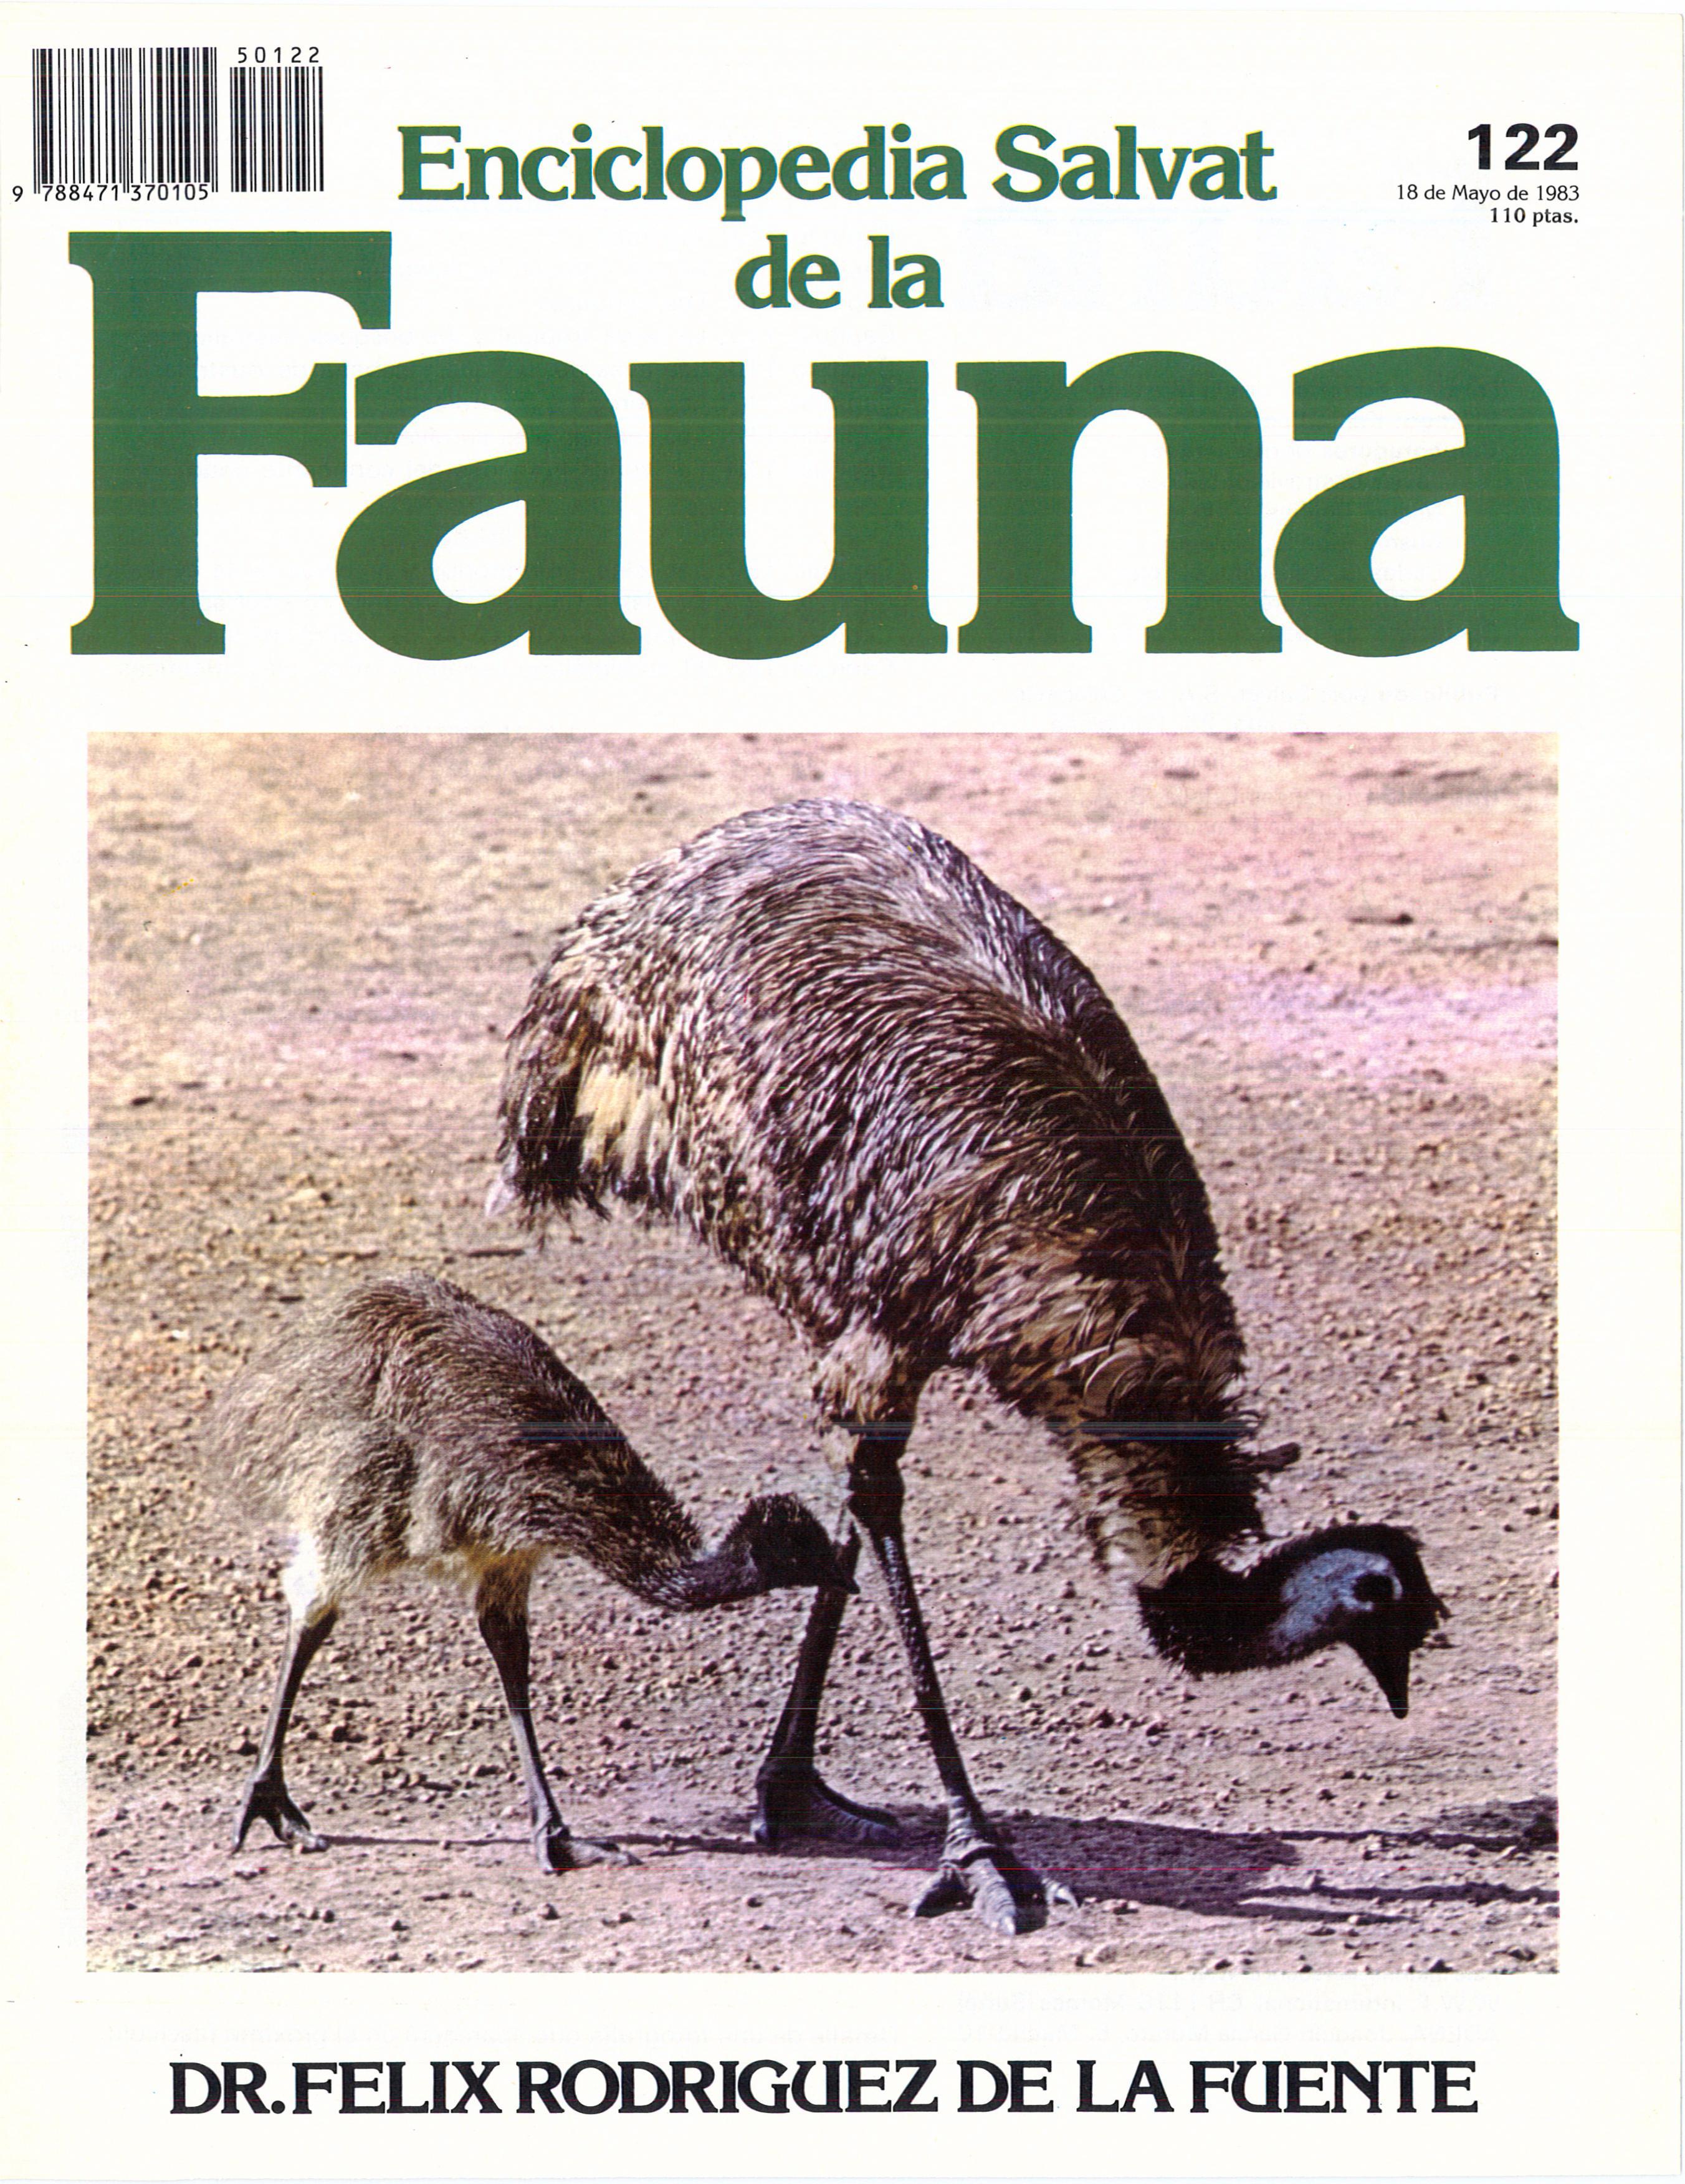 ENCICLOPEDIA SALVAT DE LA FAUNA. Dr. Félix Rodríguez de la Fuente. Edición en fascículos con portadas de color blanco.